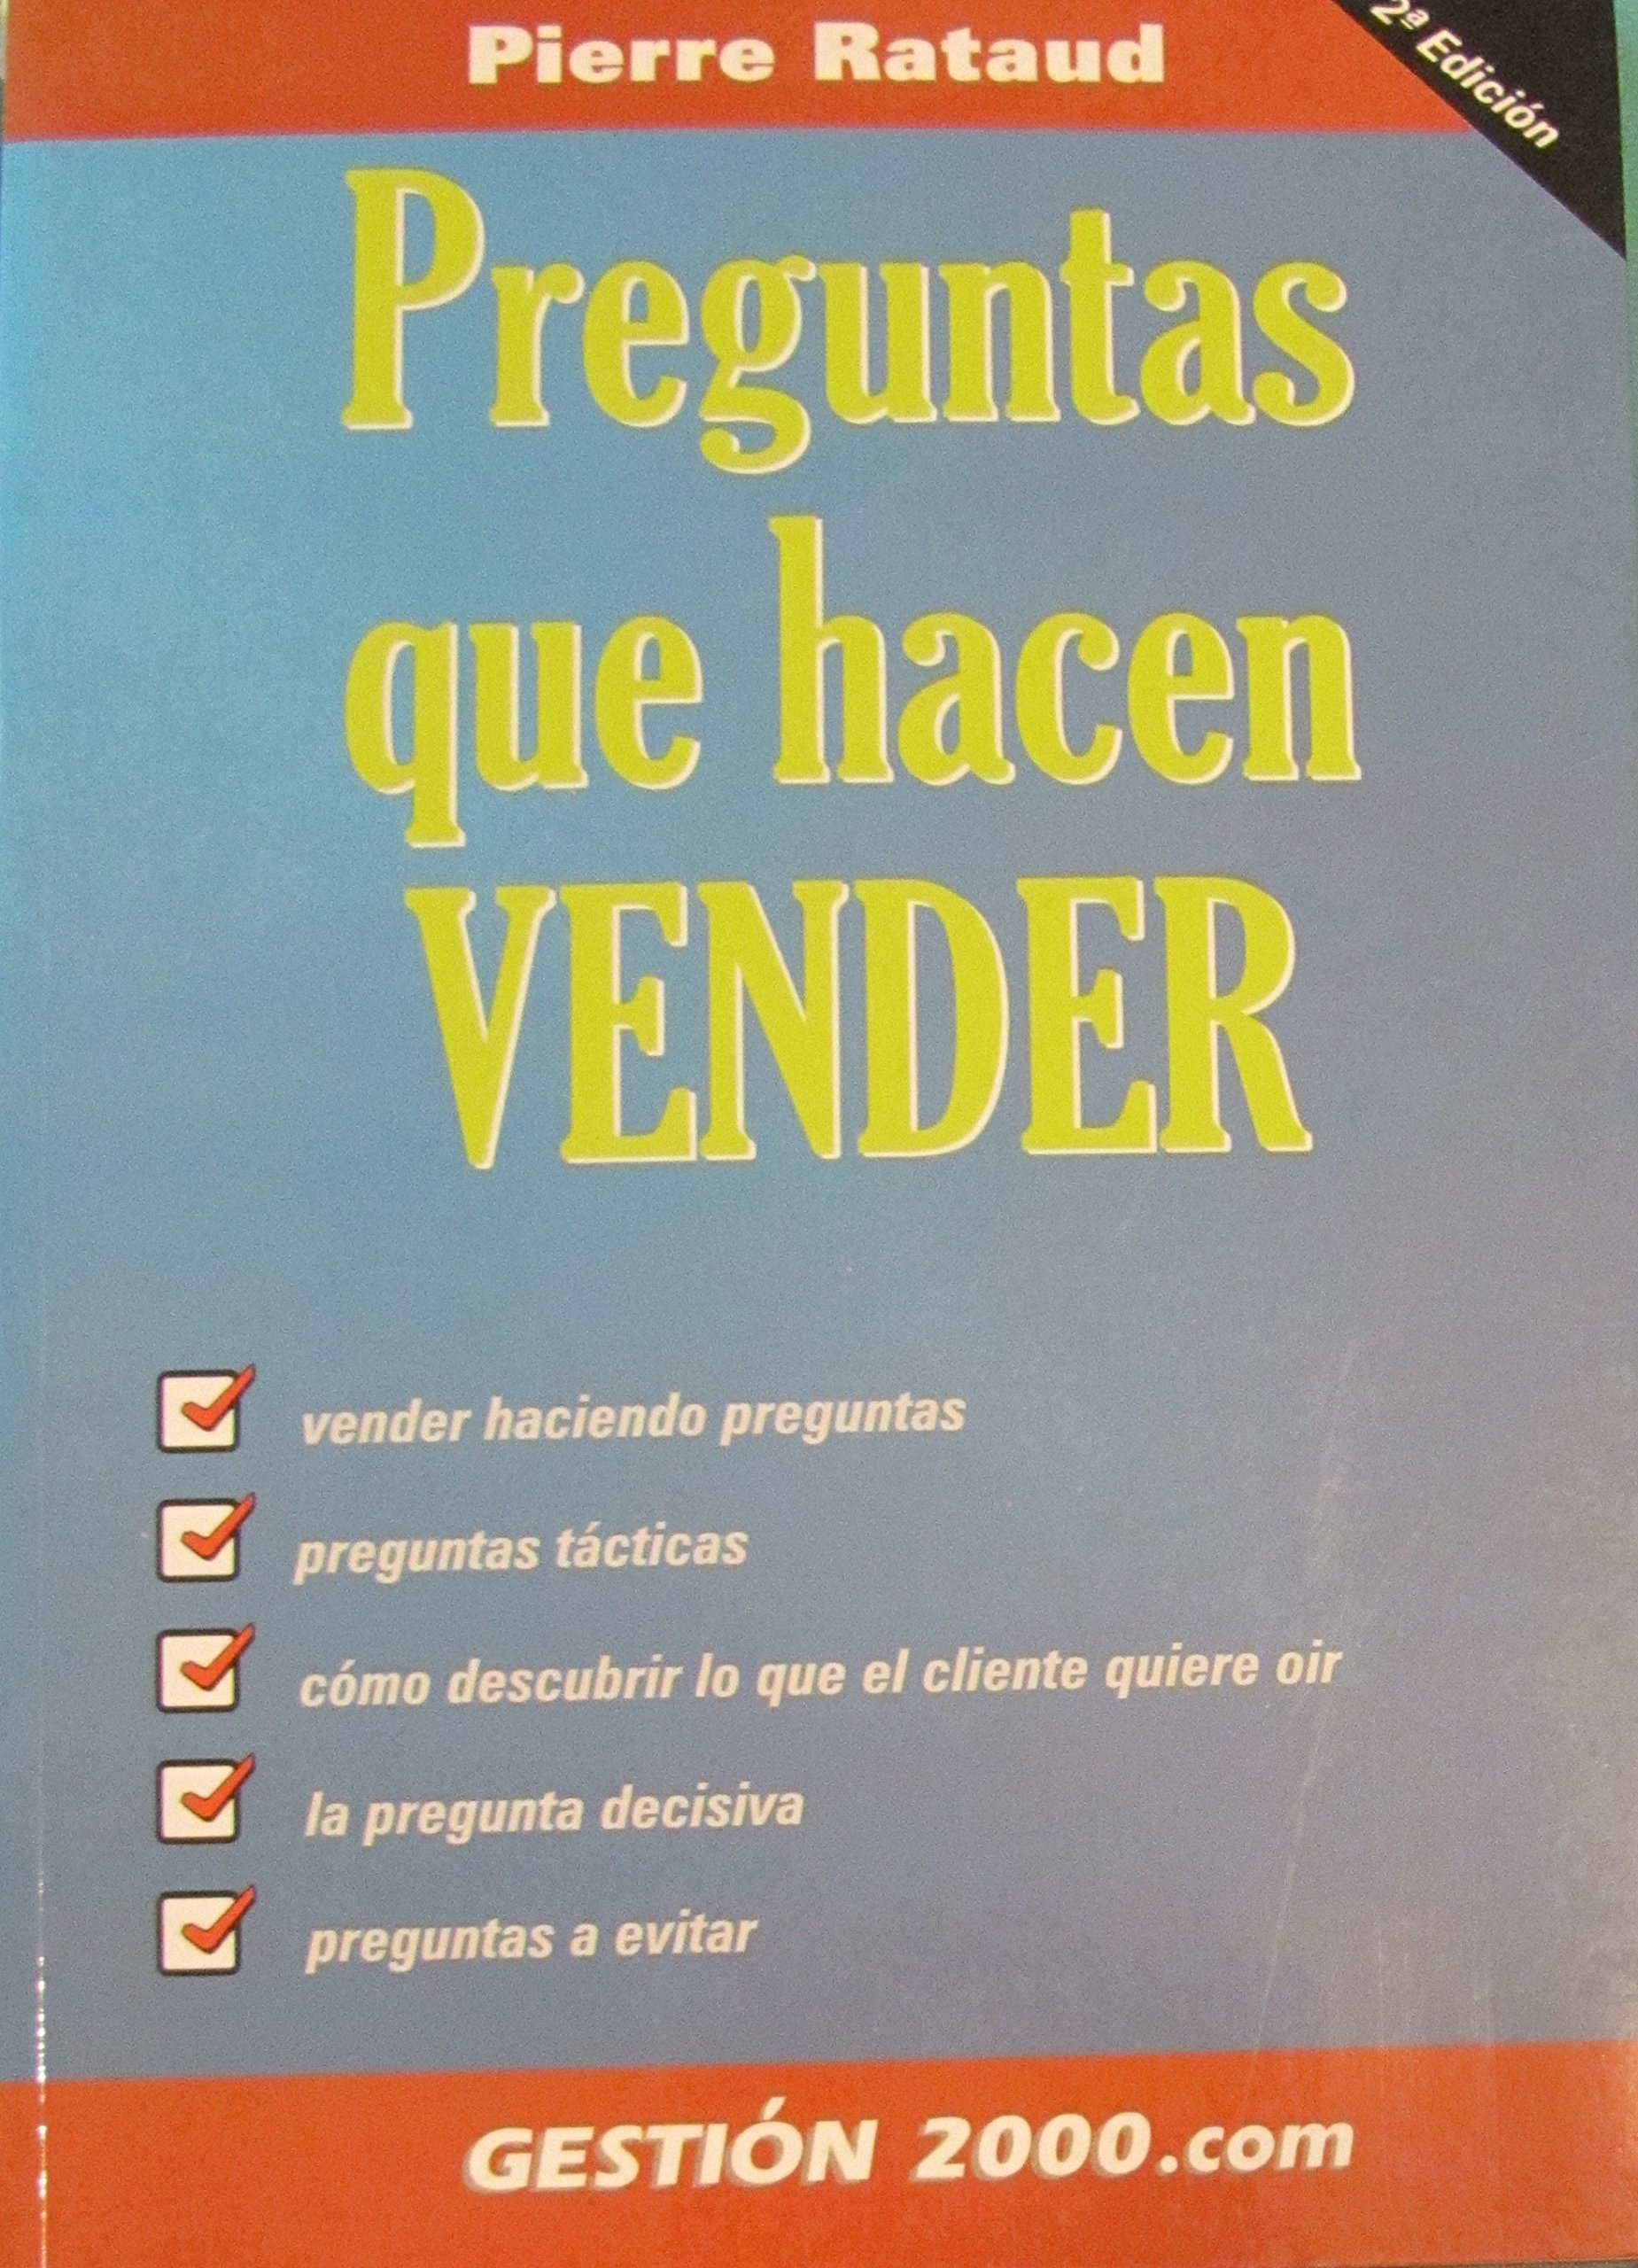 Preguntas que hacen vender.: Amazon.es: Pierre Rataud: Libros